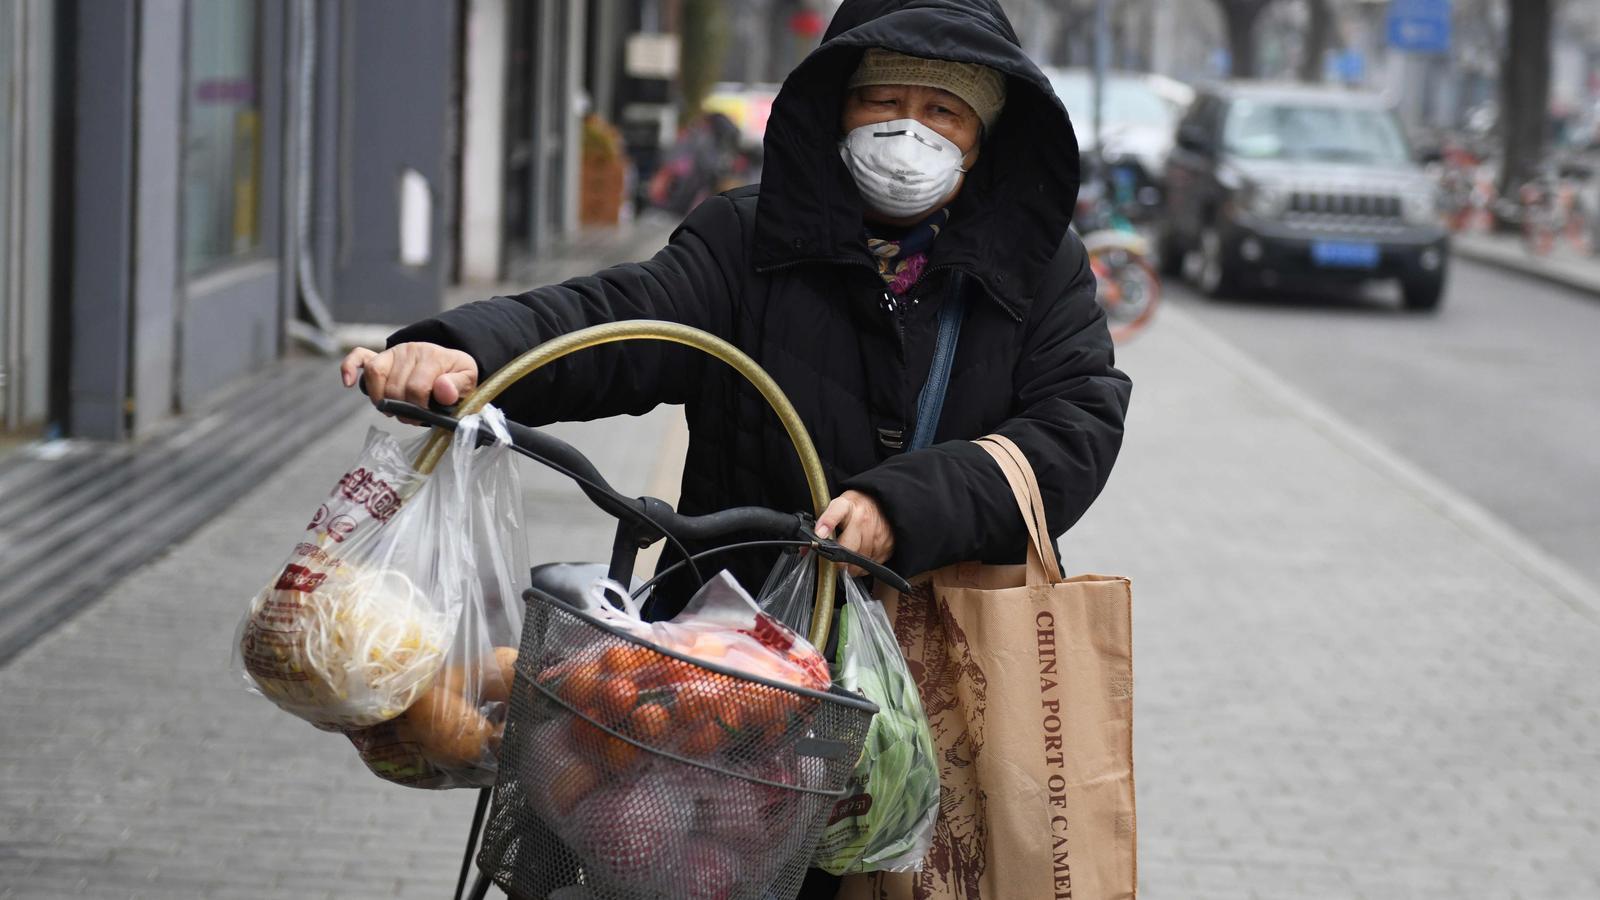 Una dona amb mascareta per protegir-se contra el coronavirus, COVID-19, a Pequín